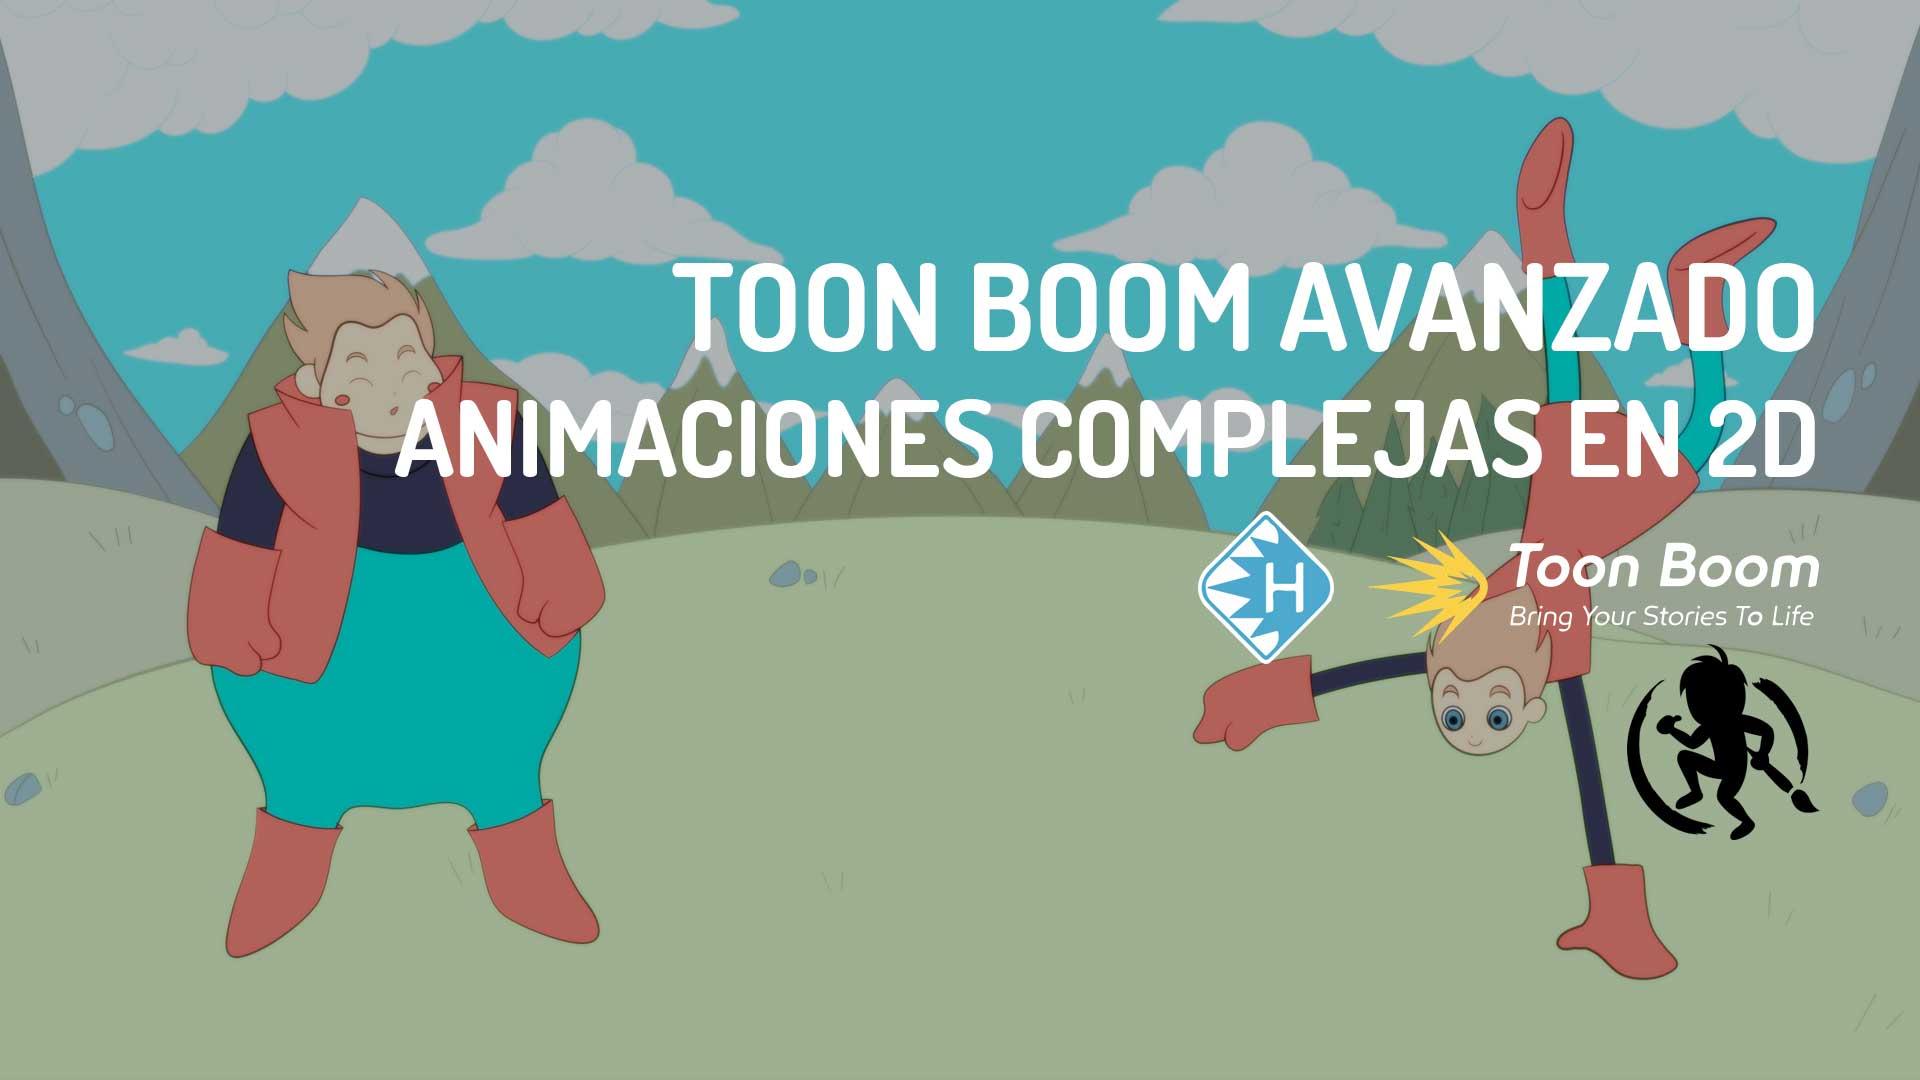 Toon Boom Avanzado Animaciones Complejas en 2D